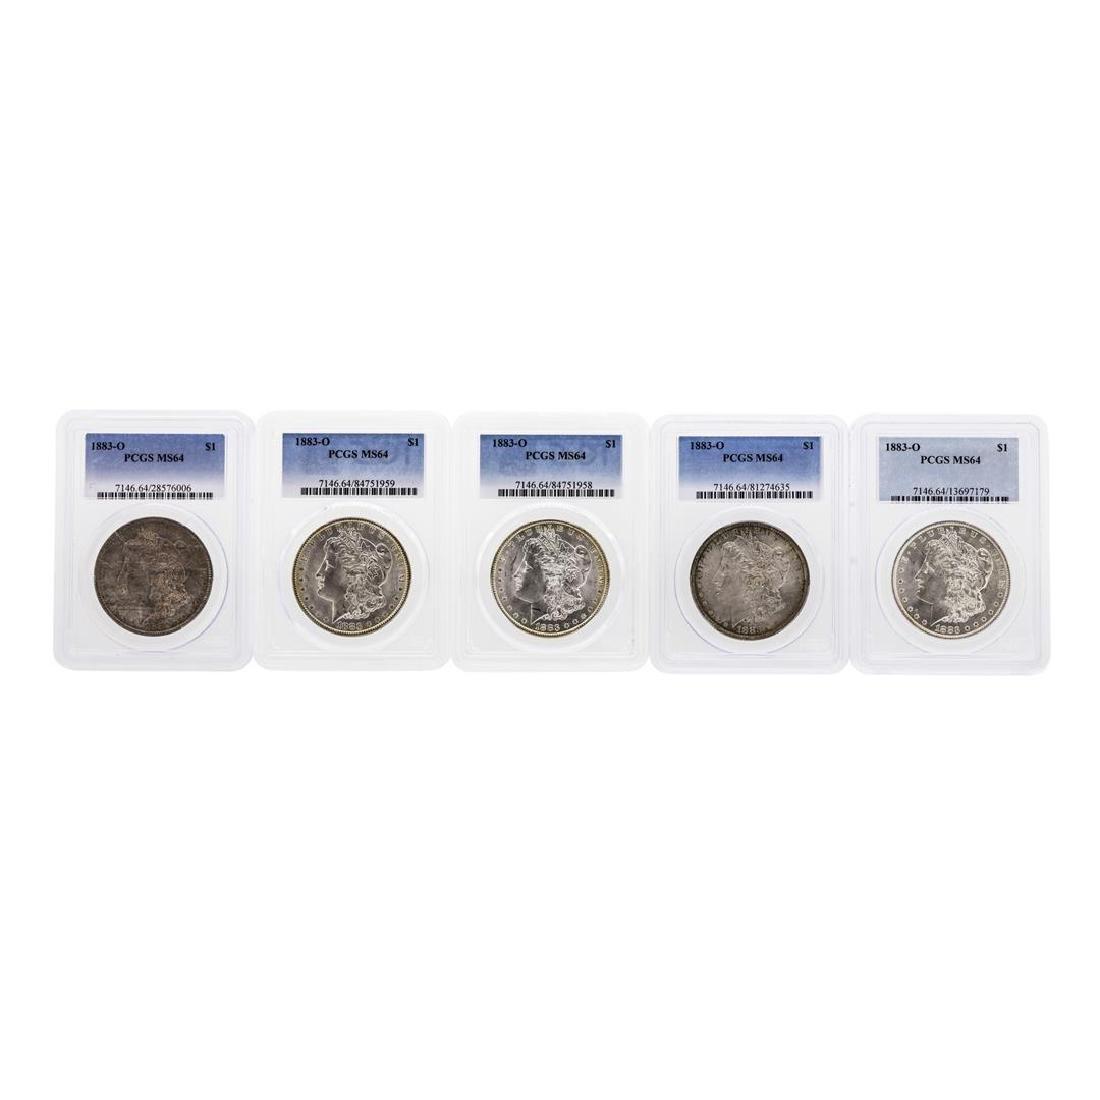 Lot of (5) 1883-O $1 Morgan Silver Dollar Coin PCGS